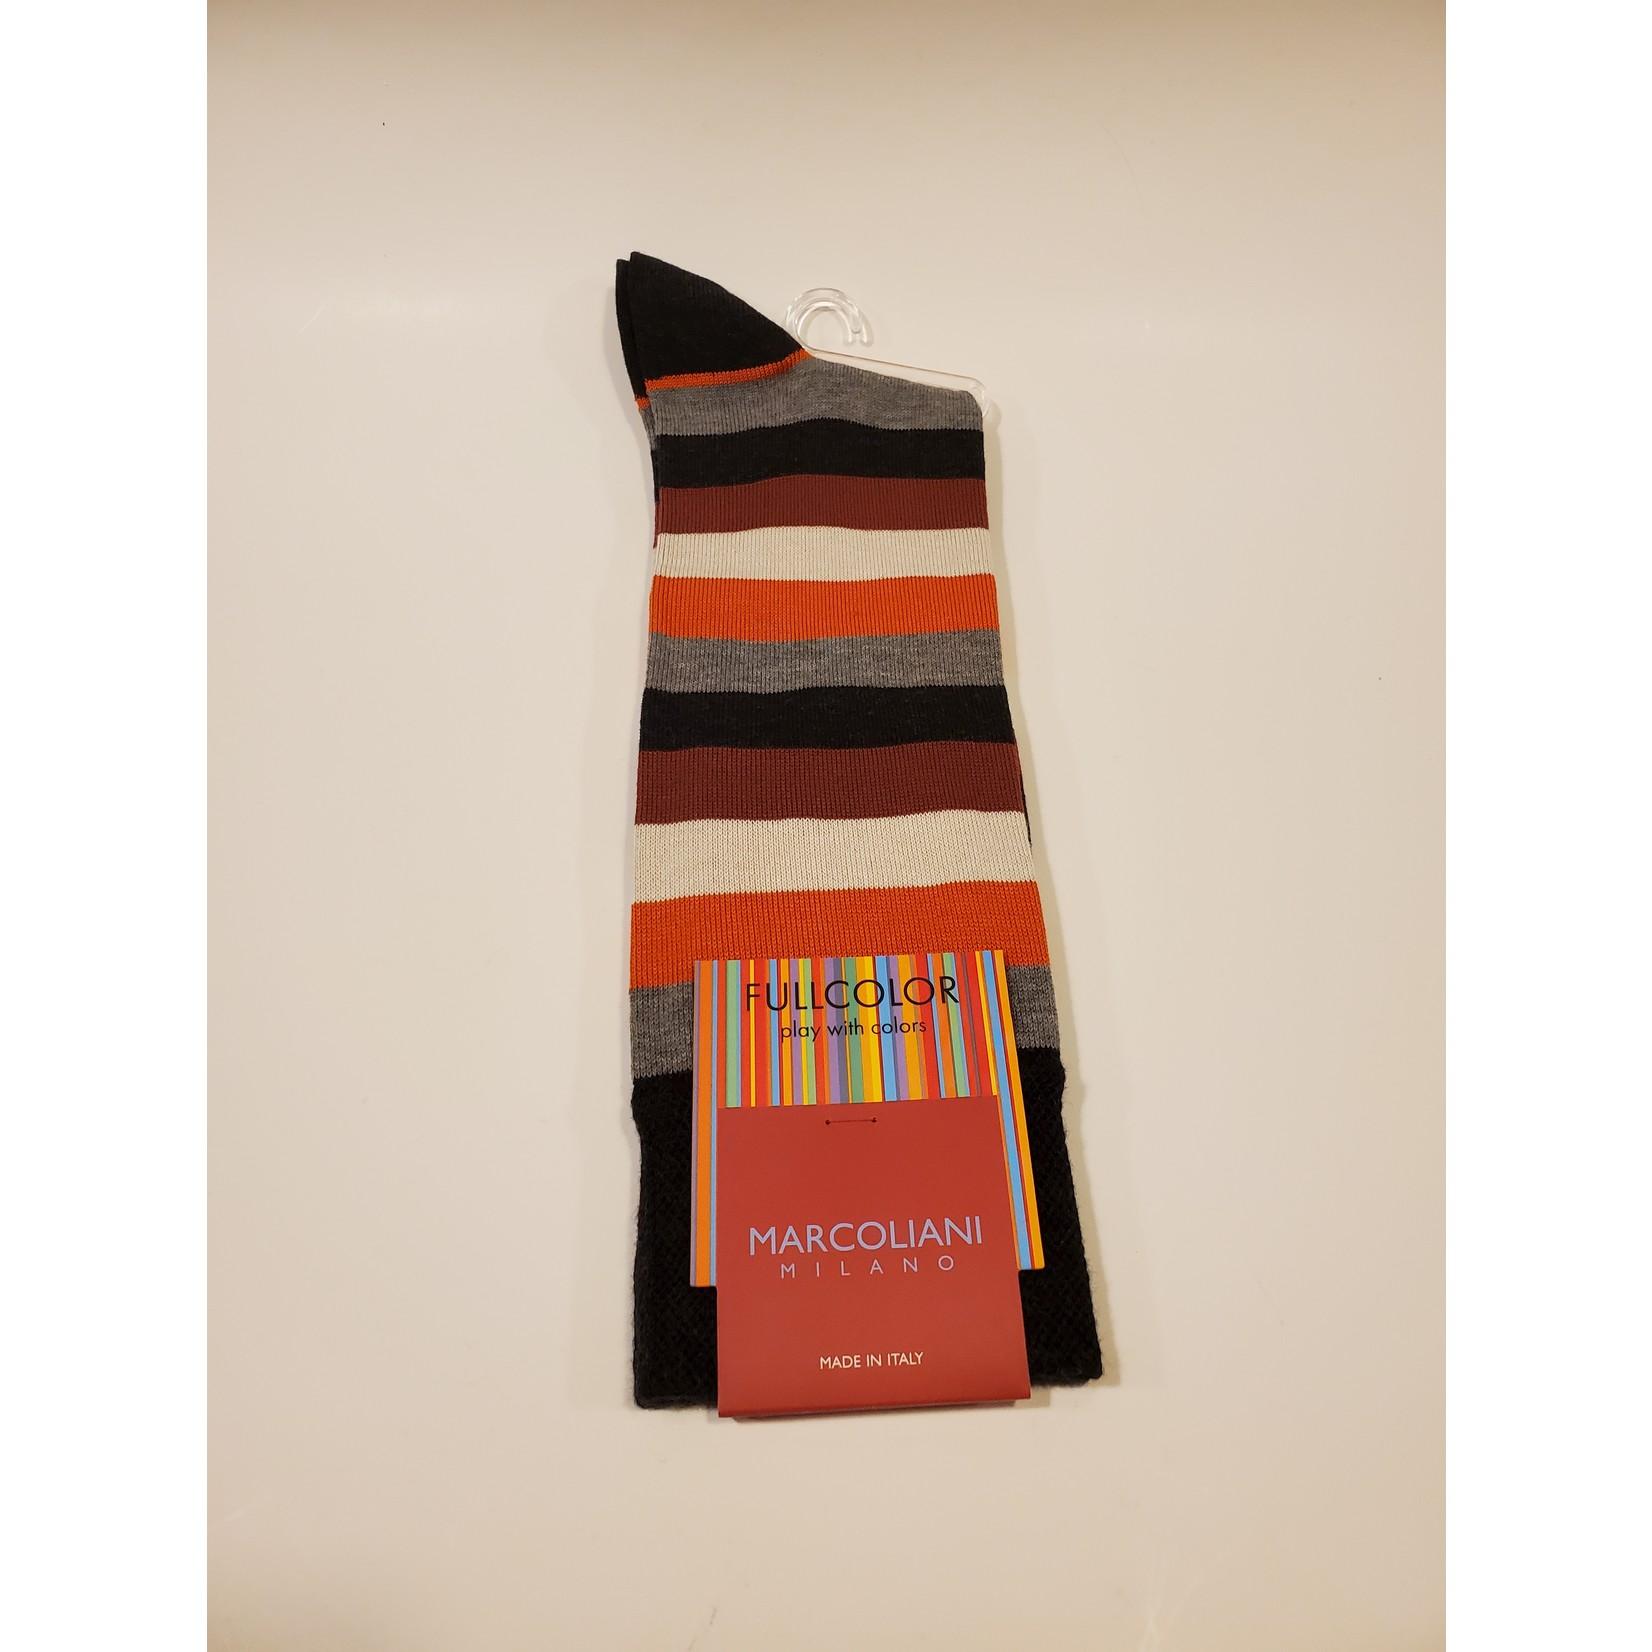 Marcoliani Marcoliani Full Color MAR4524T Collage Stripe - Z75 Charcoal Orange